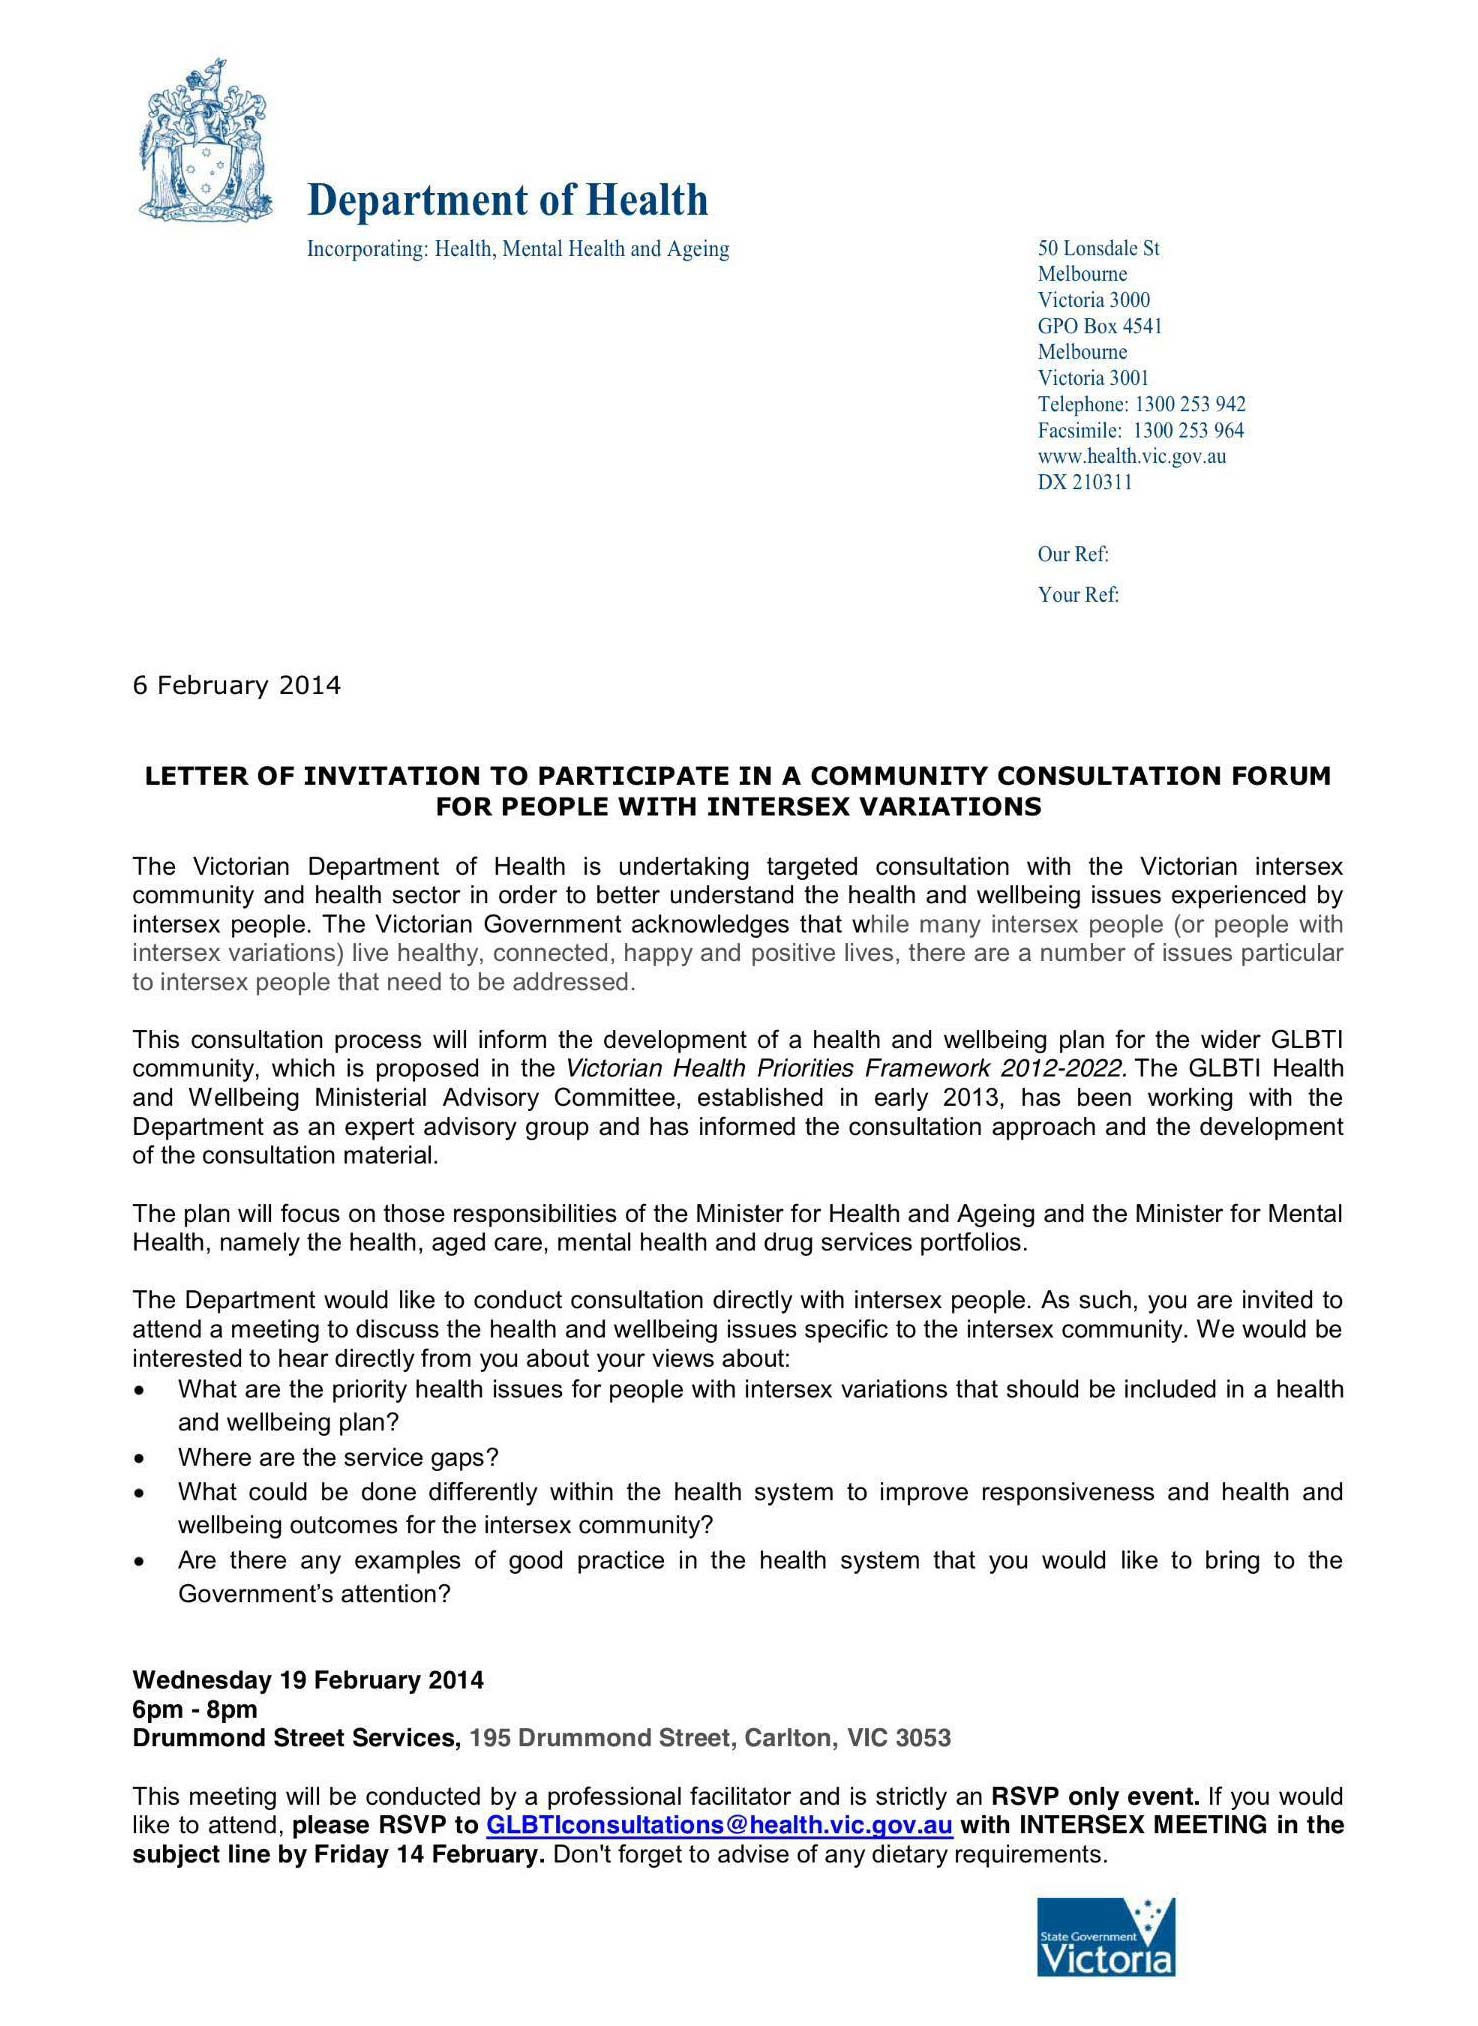 Community consultation forum victoria department of health oii letter of invitation stopboris Gallery